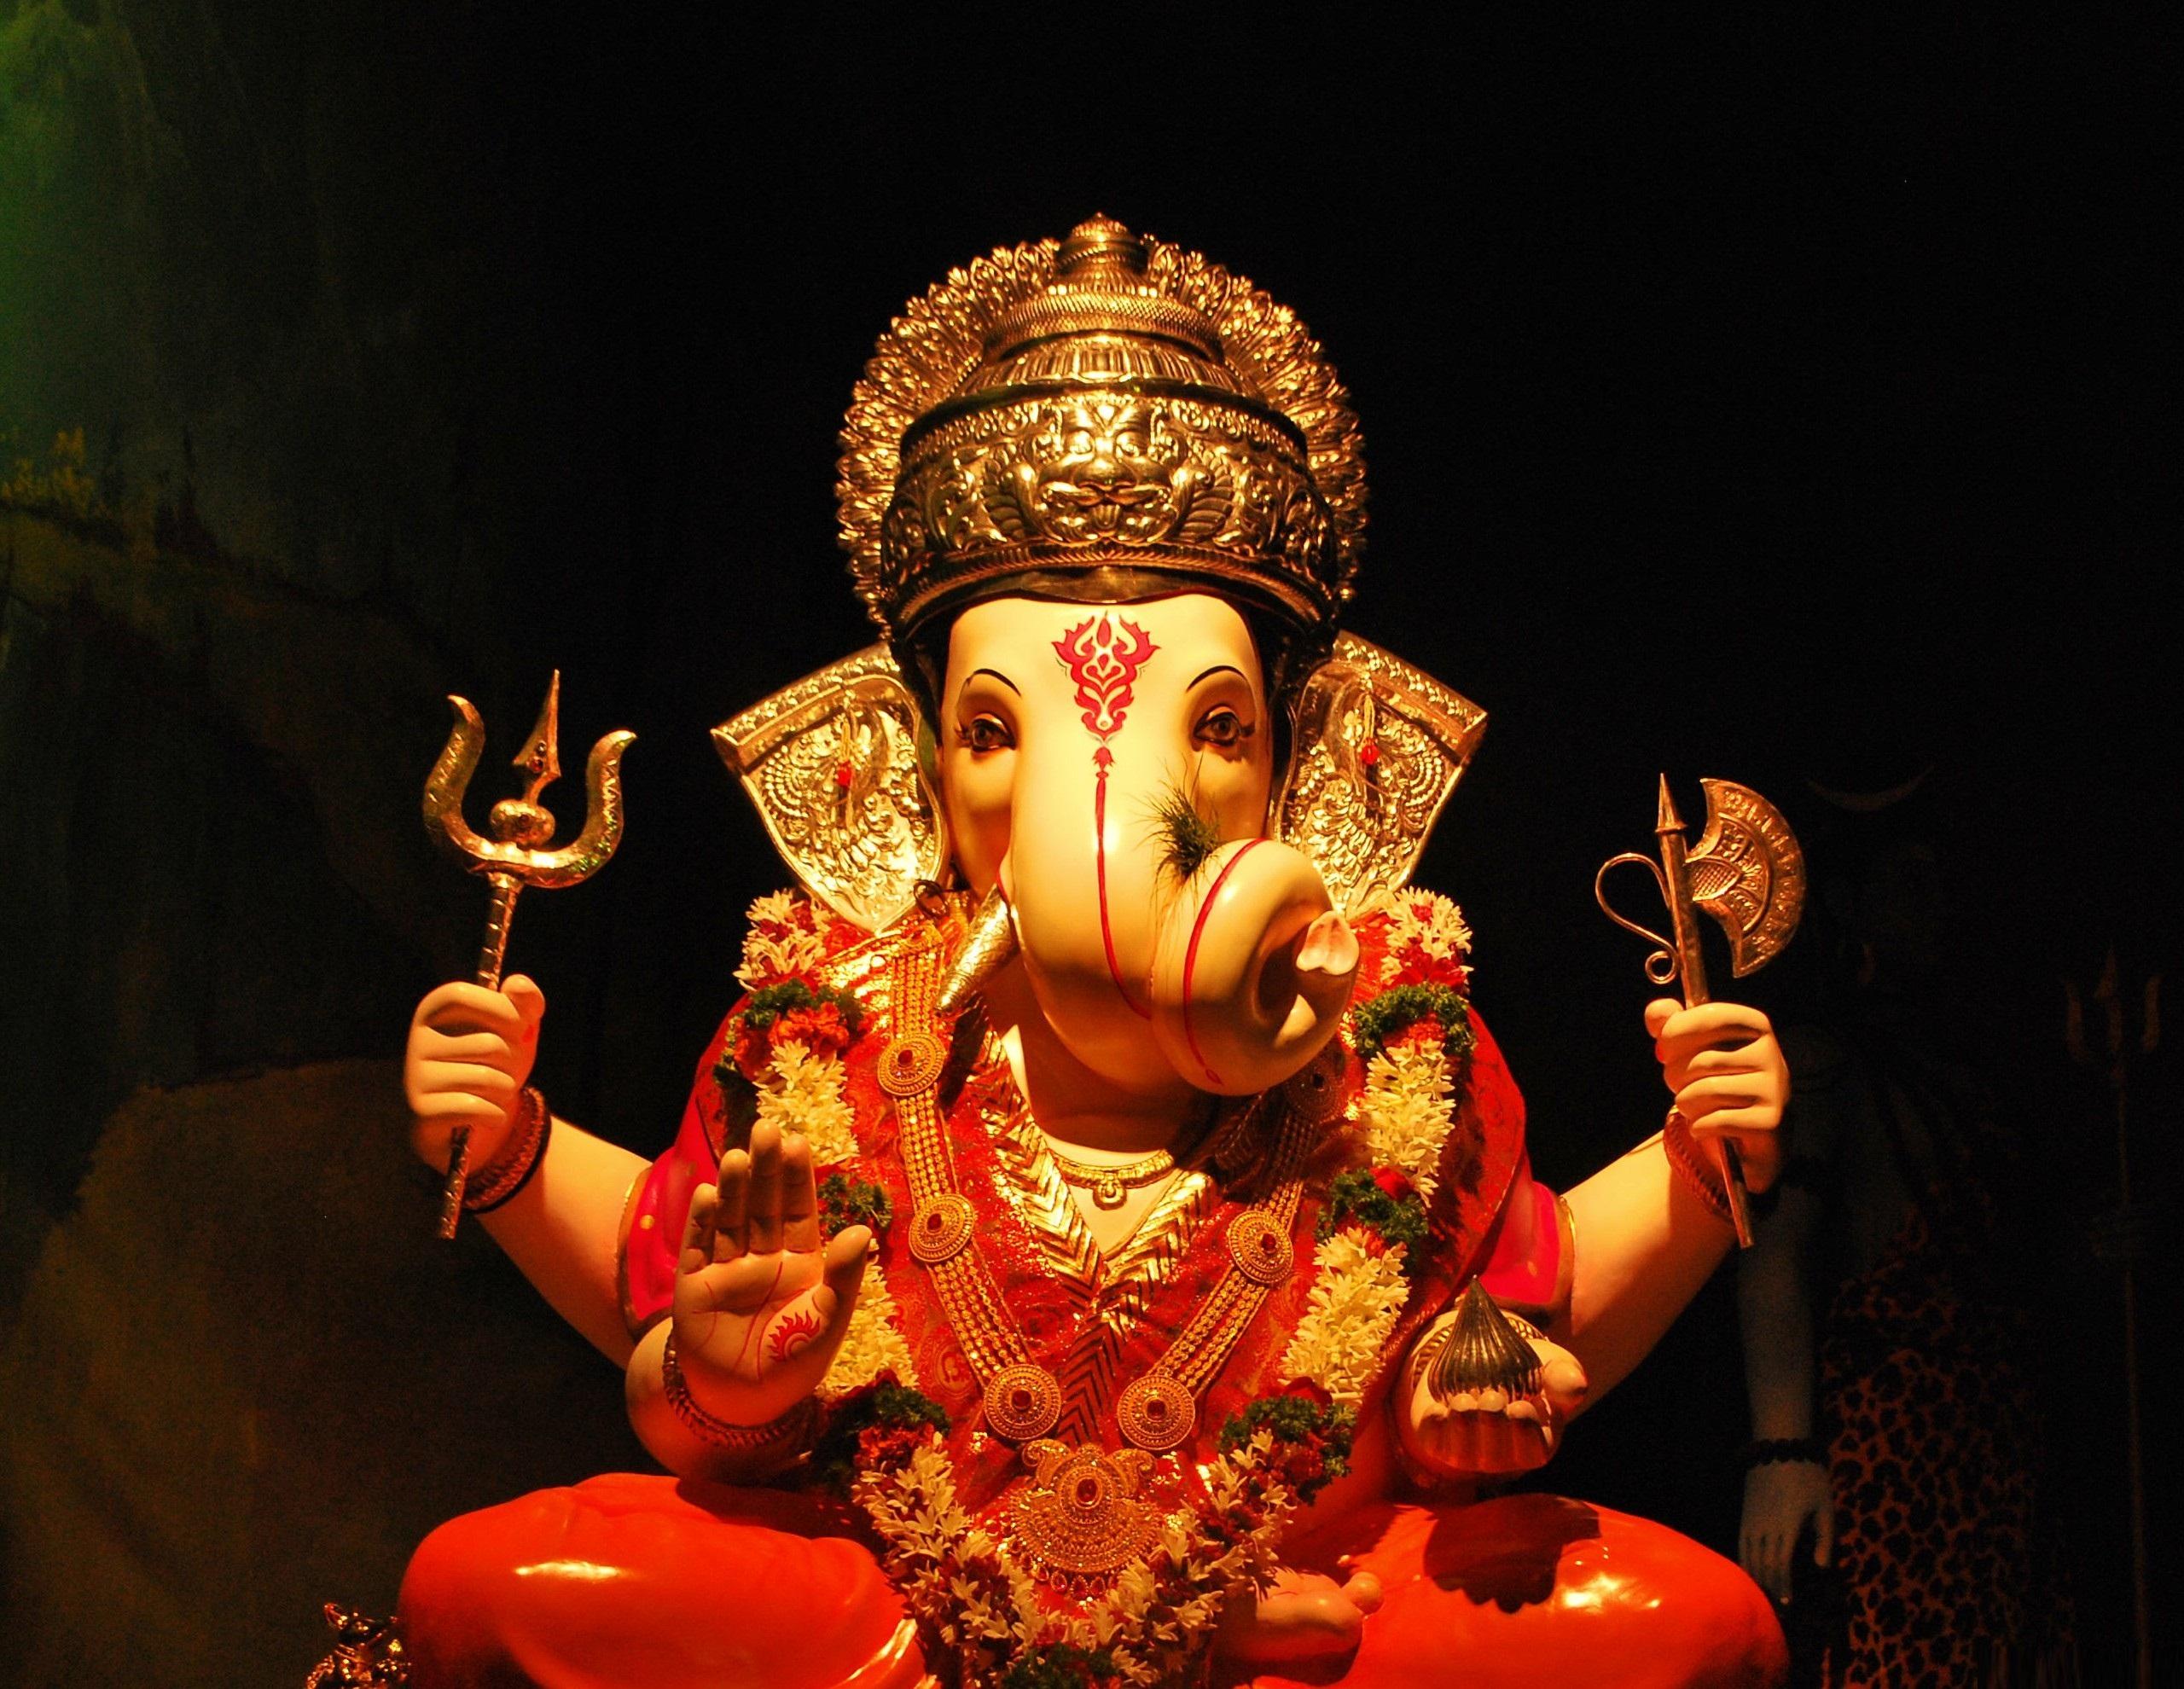 Ganesh Images Lord Ganesh Photos Pics Hd Wallpapers Download